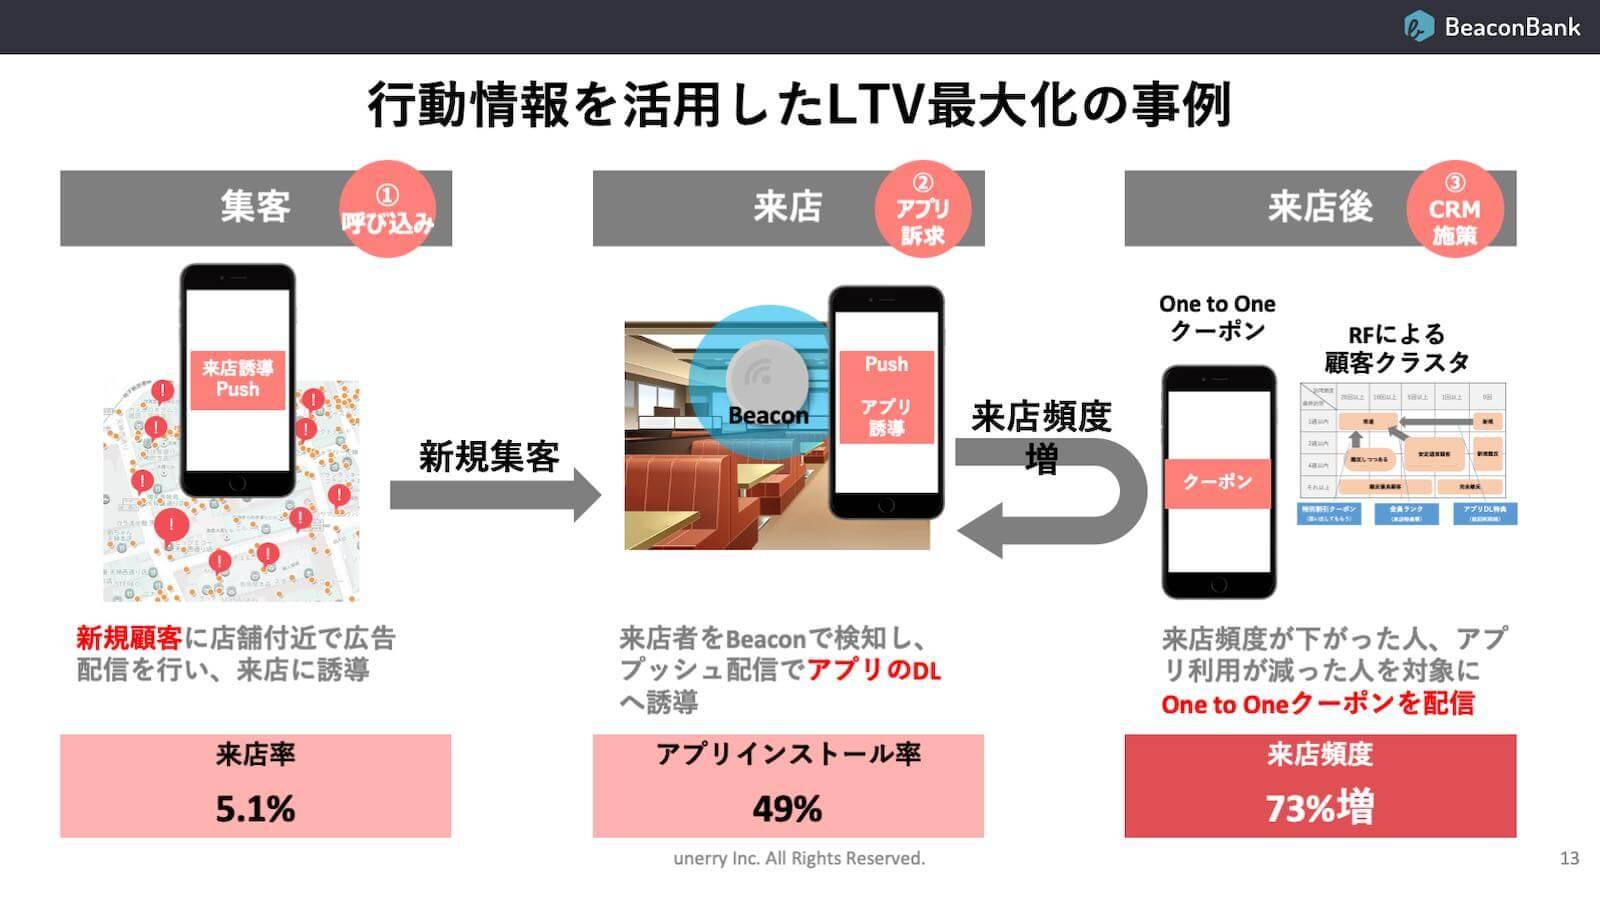 行動情報を活用したLTV最大化の事例